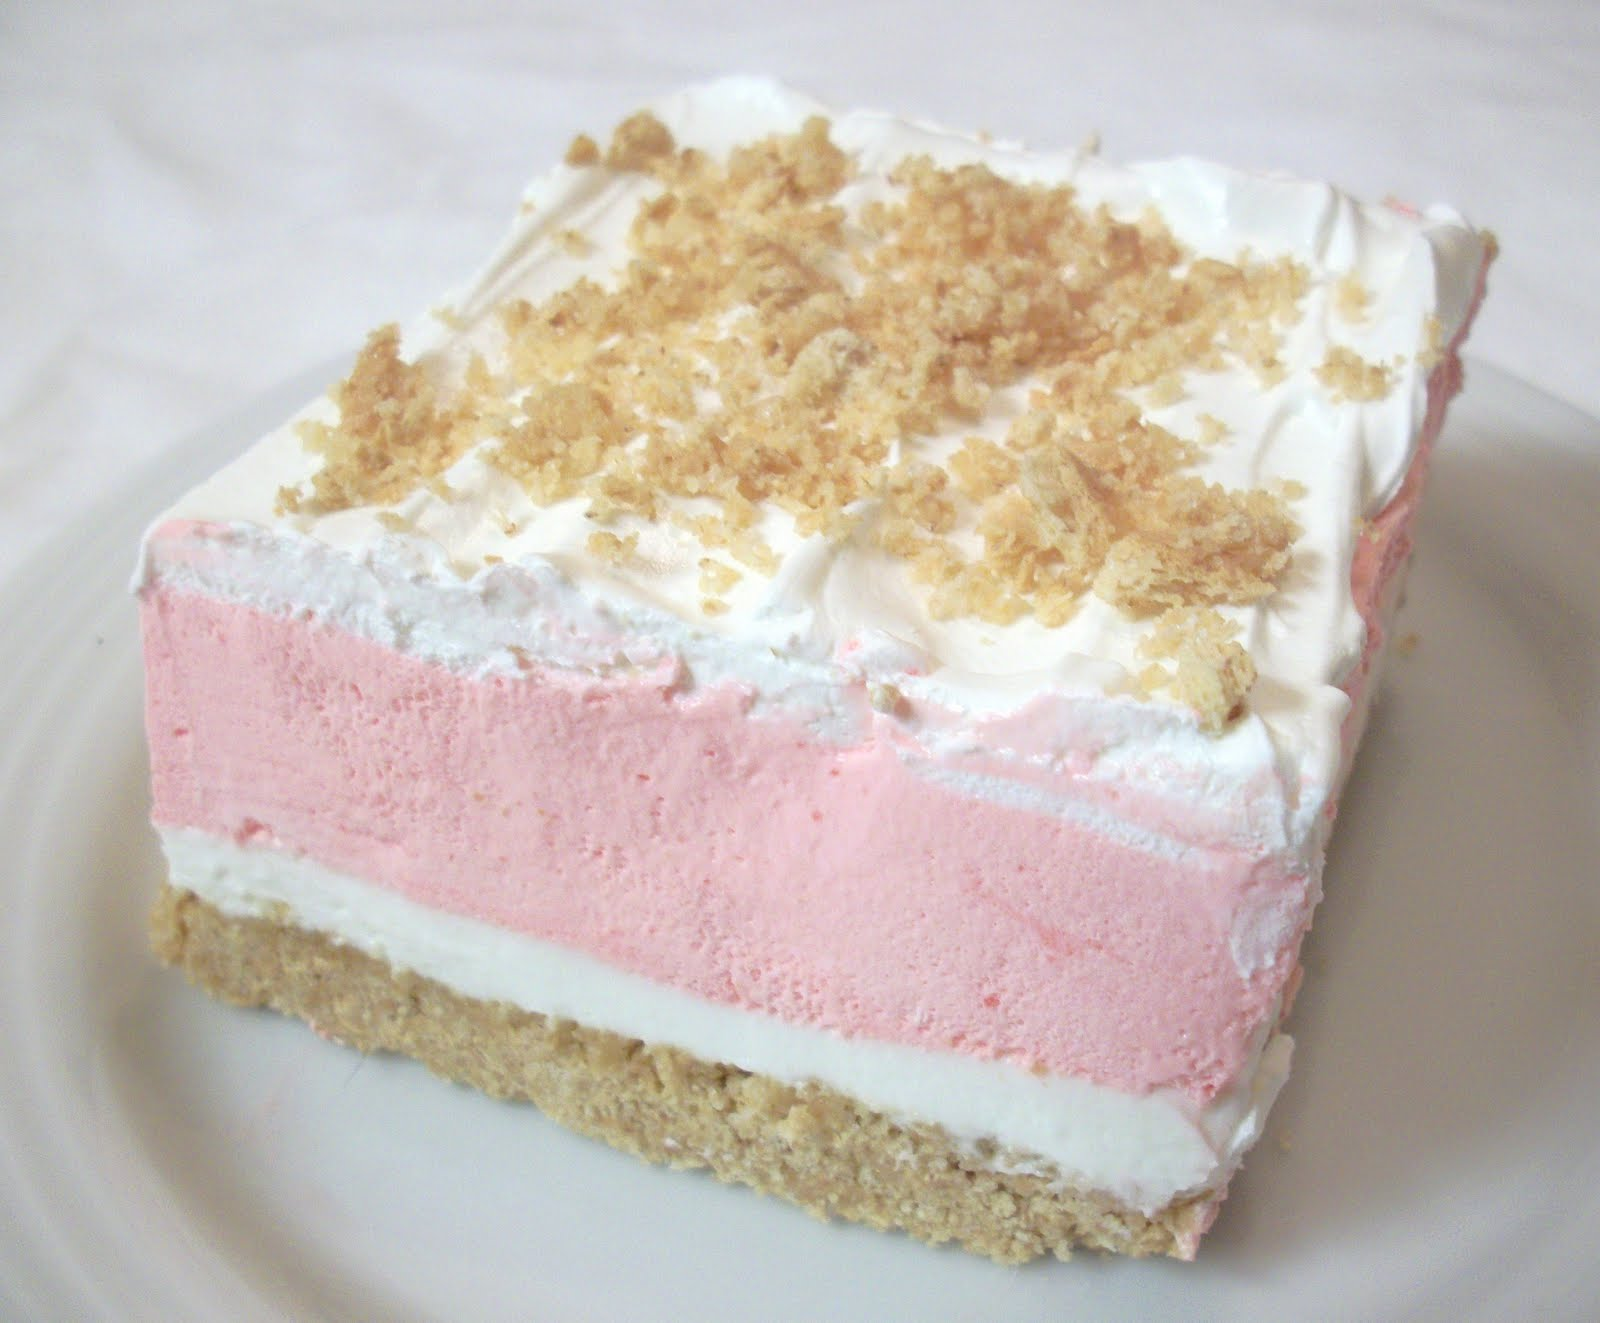 Strawberry Cream Dessert recipe